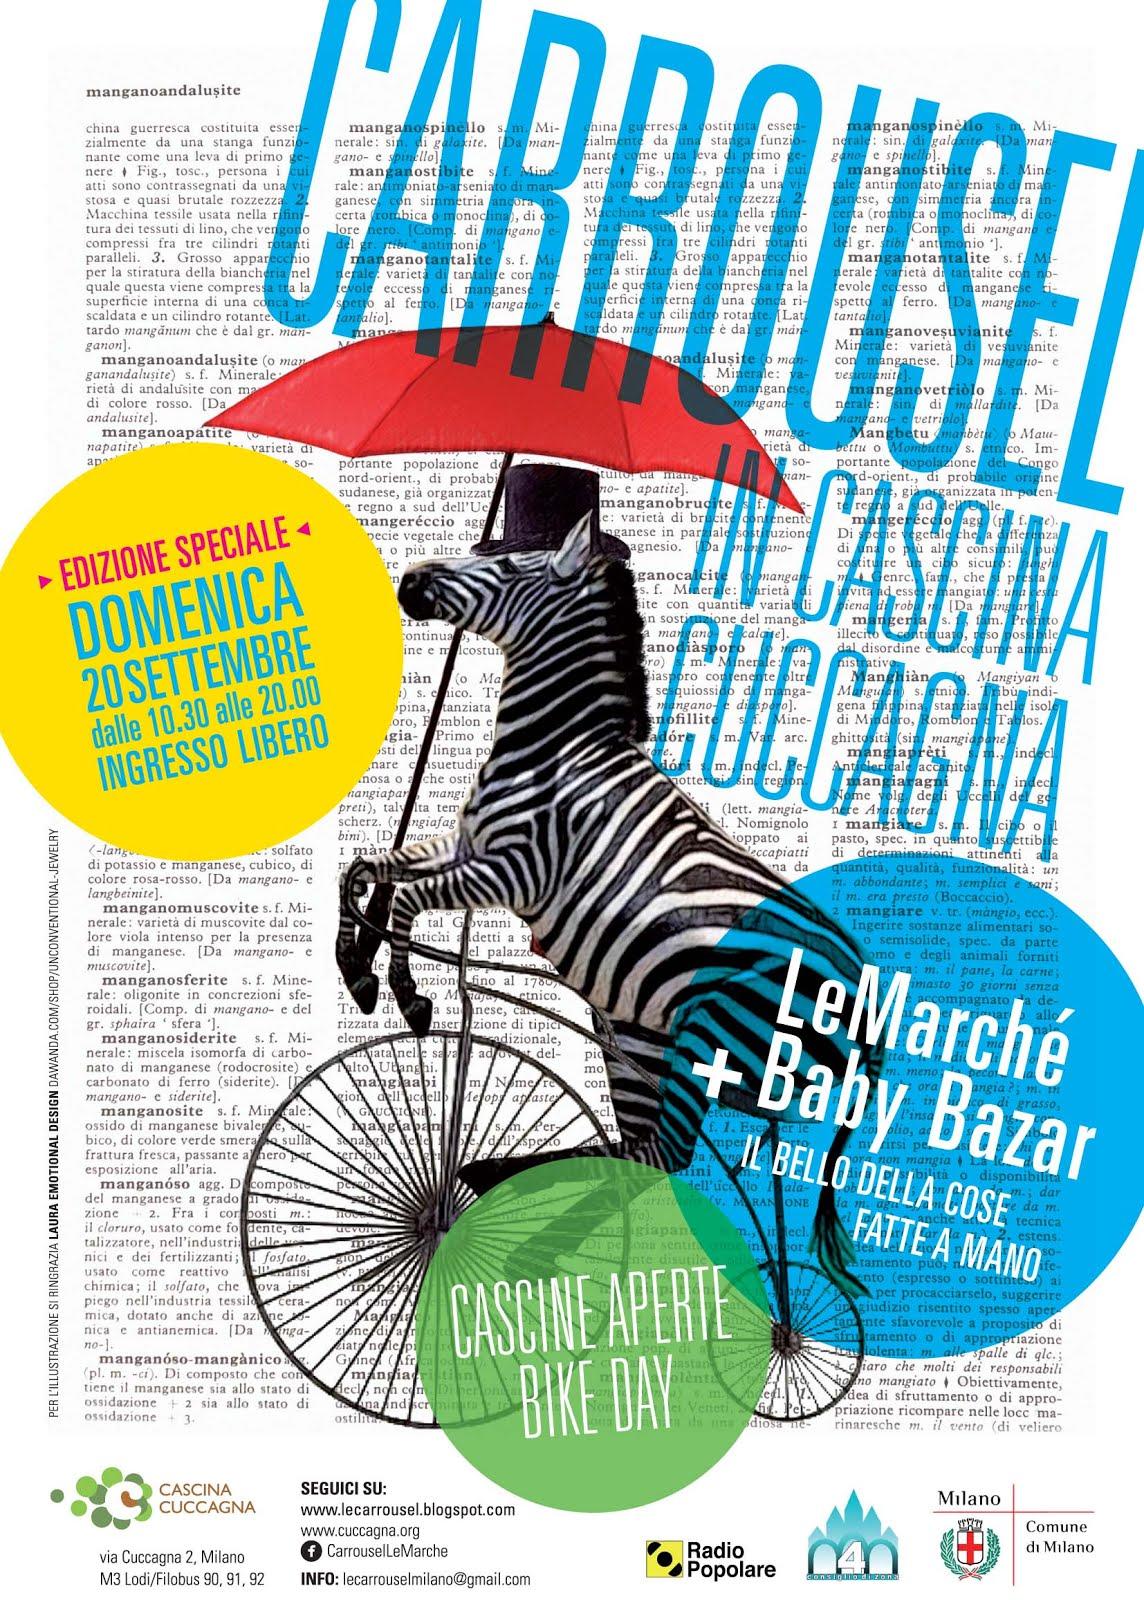 Carrousel LeMarché + Baby Bazar